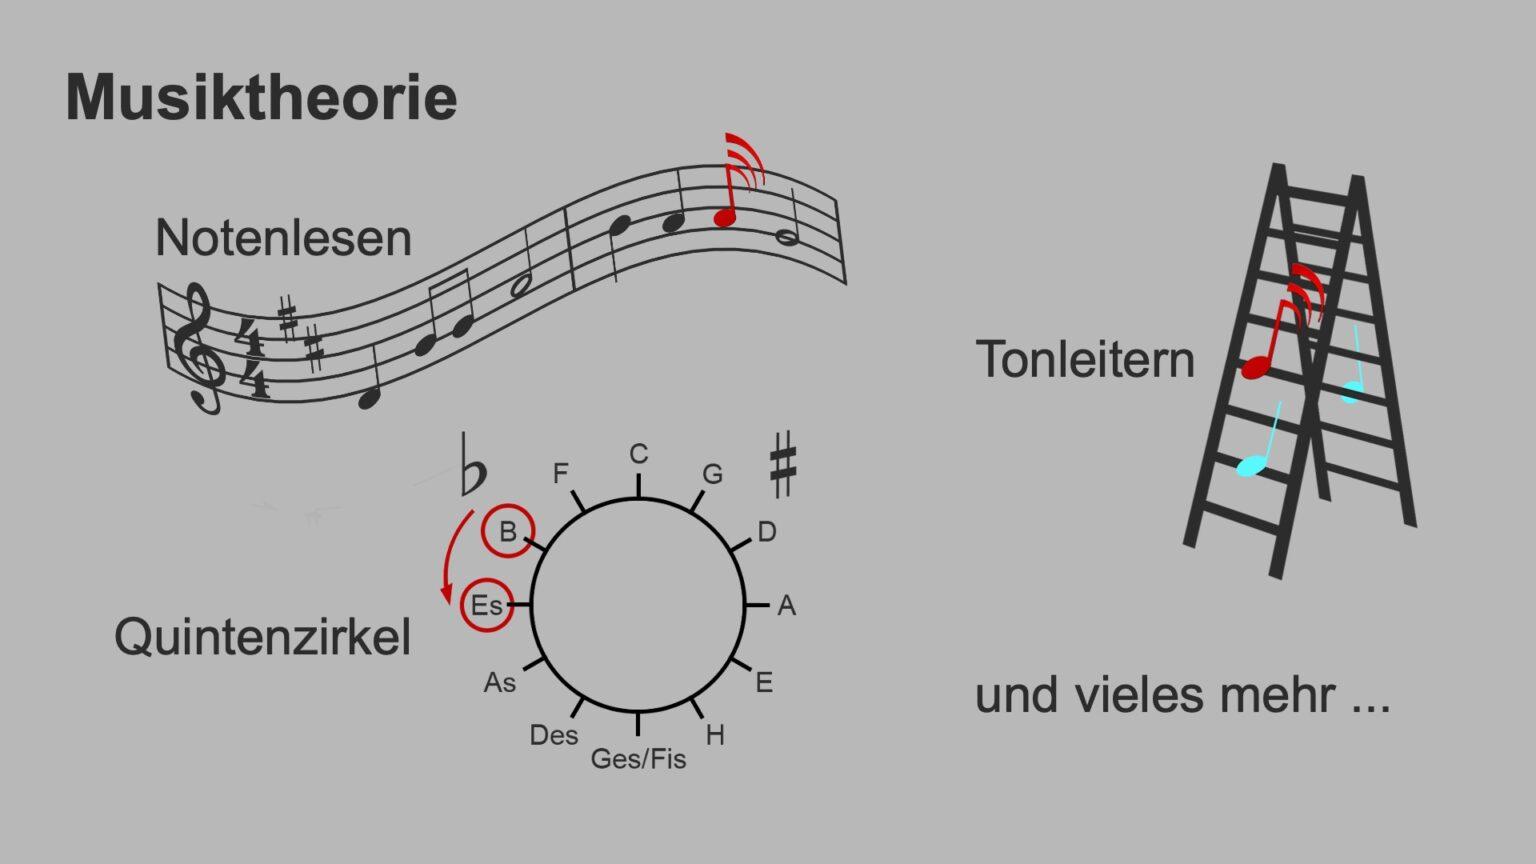 Im Bereich Musiktheorie findest Du alles zu den Themen Notenlesen, Tonleitern, Rhythmus, Quintenzirkel und noch vieles mehr.